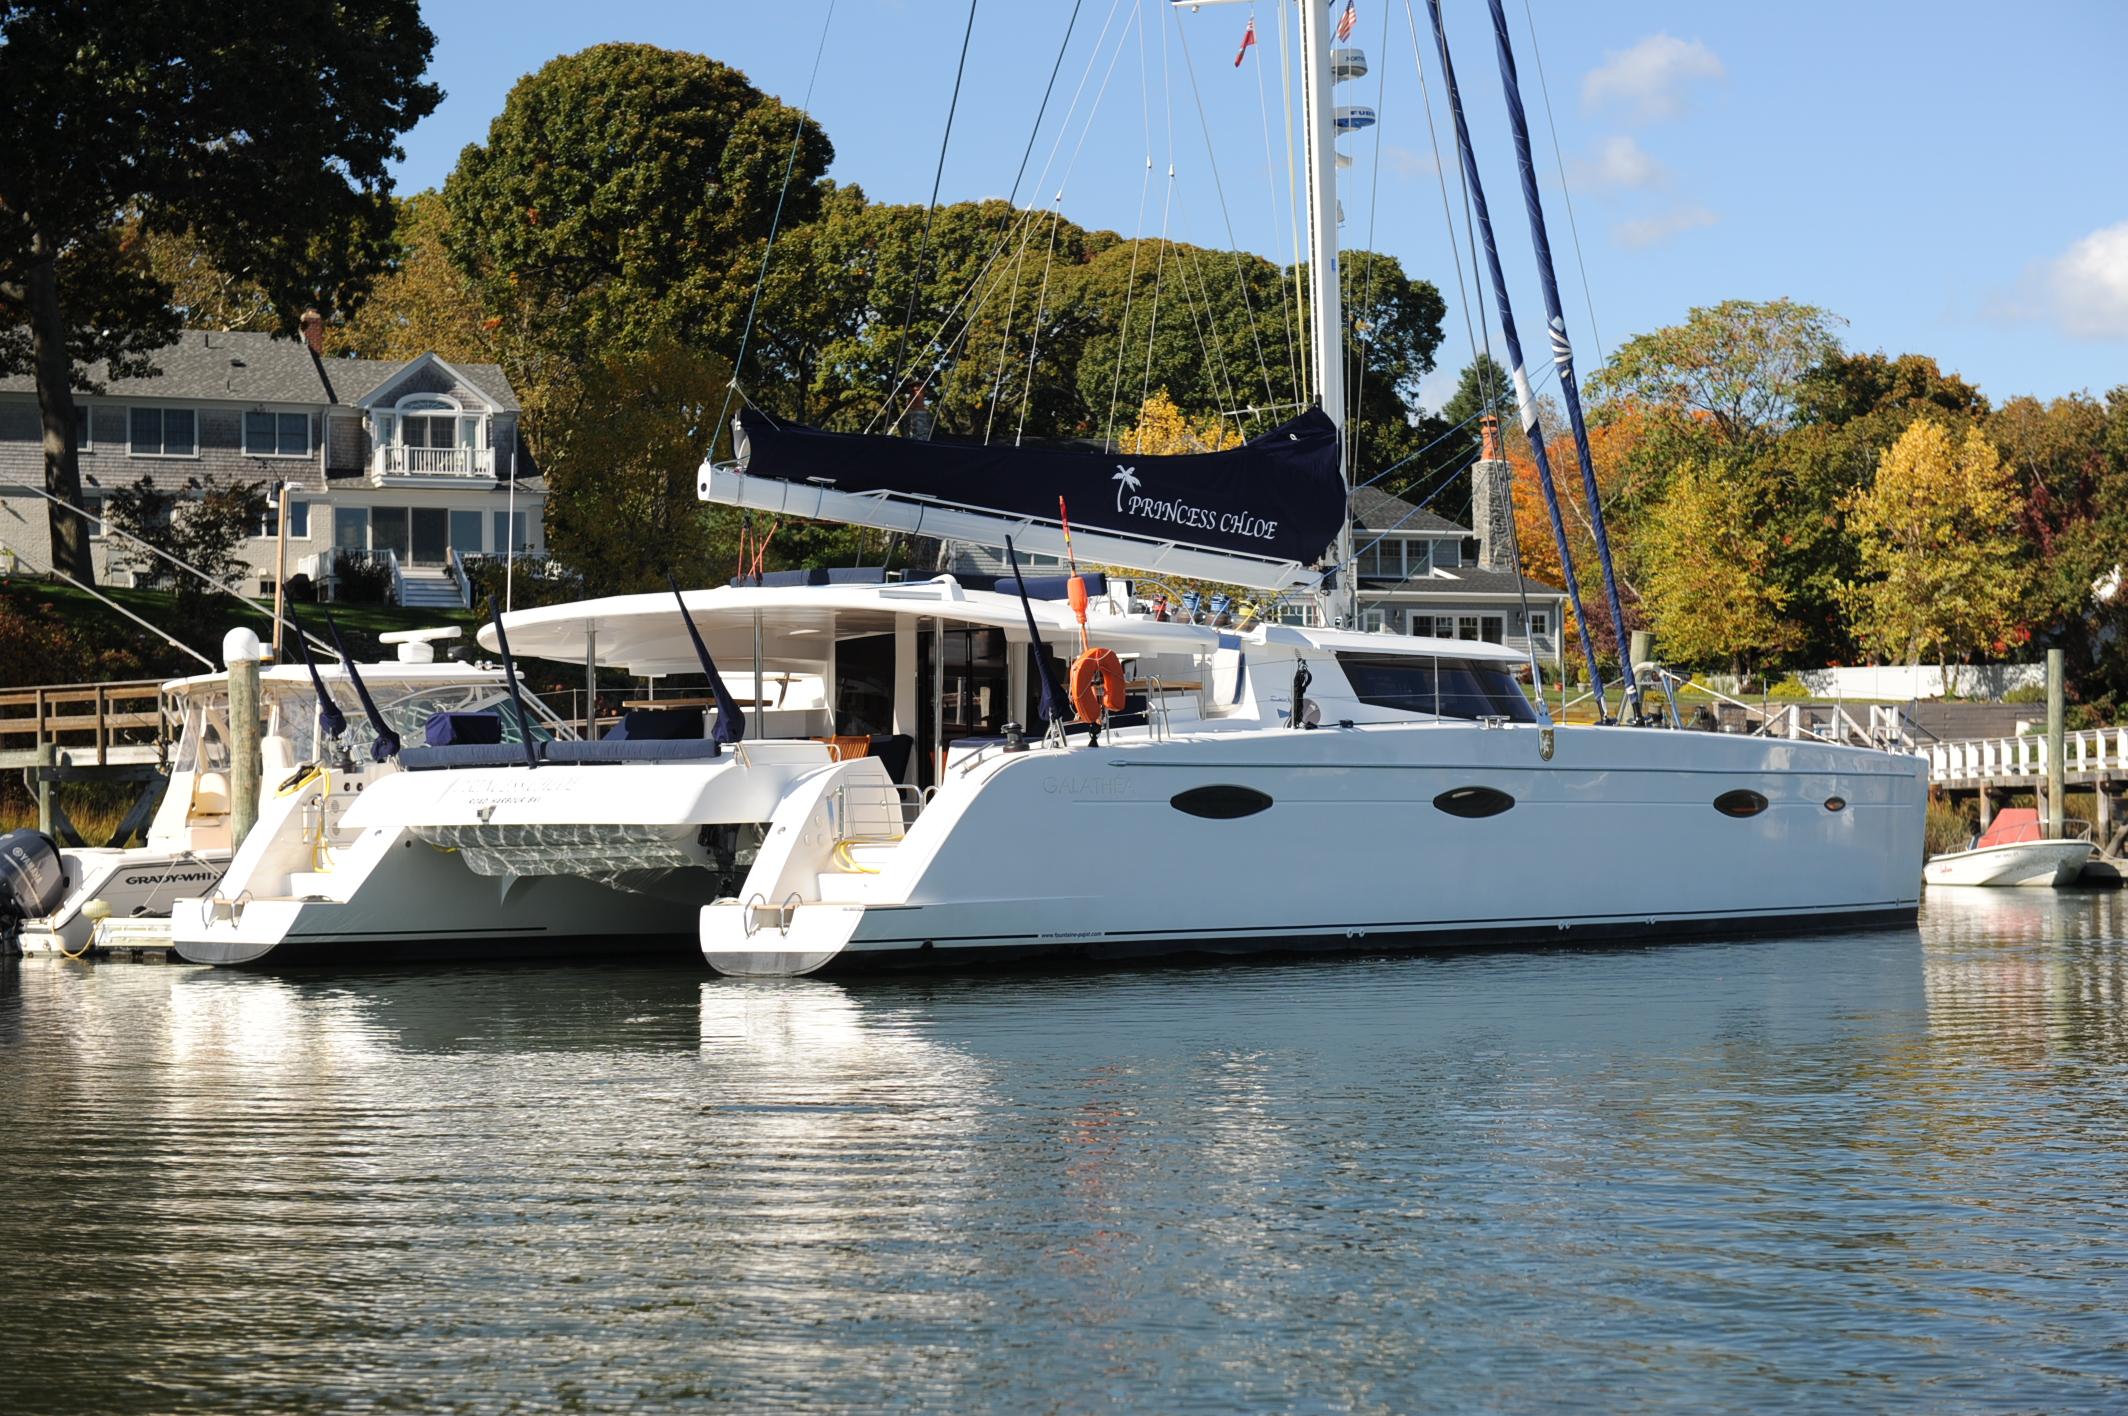 Princess chloe catamaran